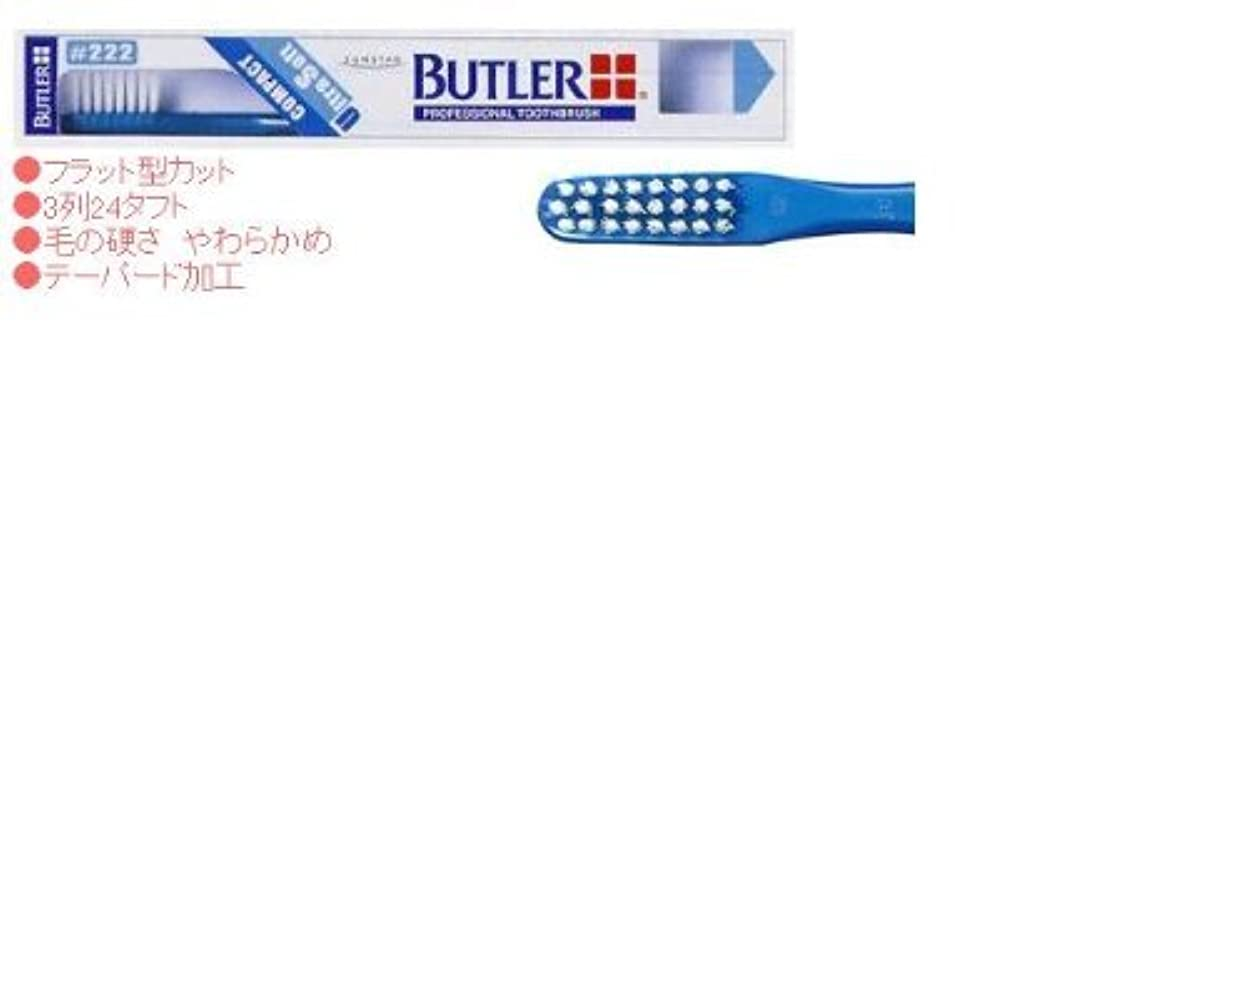 素晴らしいいくつかの基準バトラー歯ブラシ 1本 #222